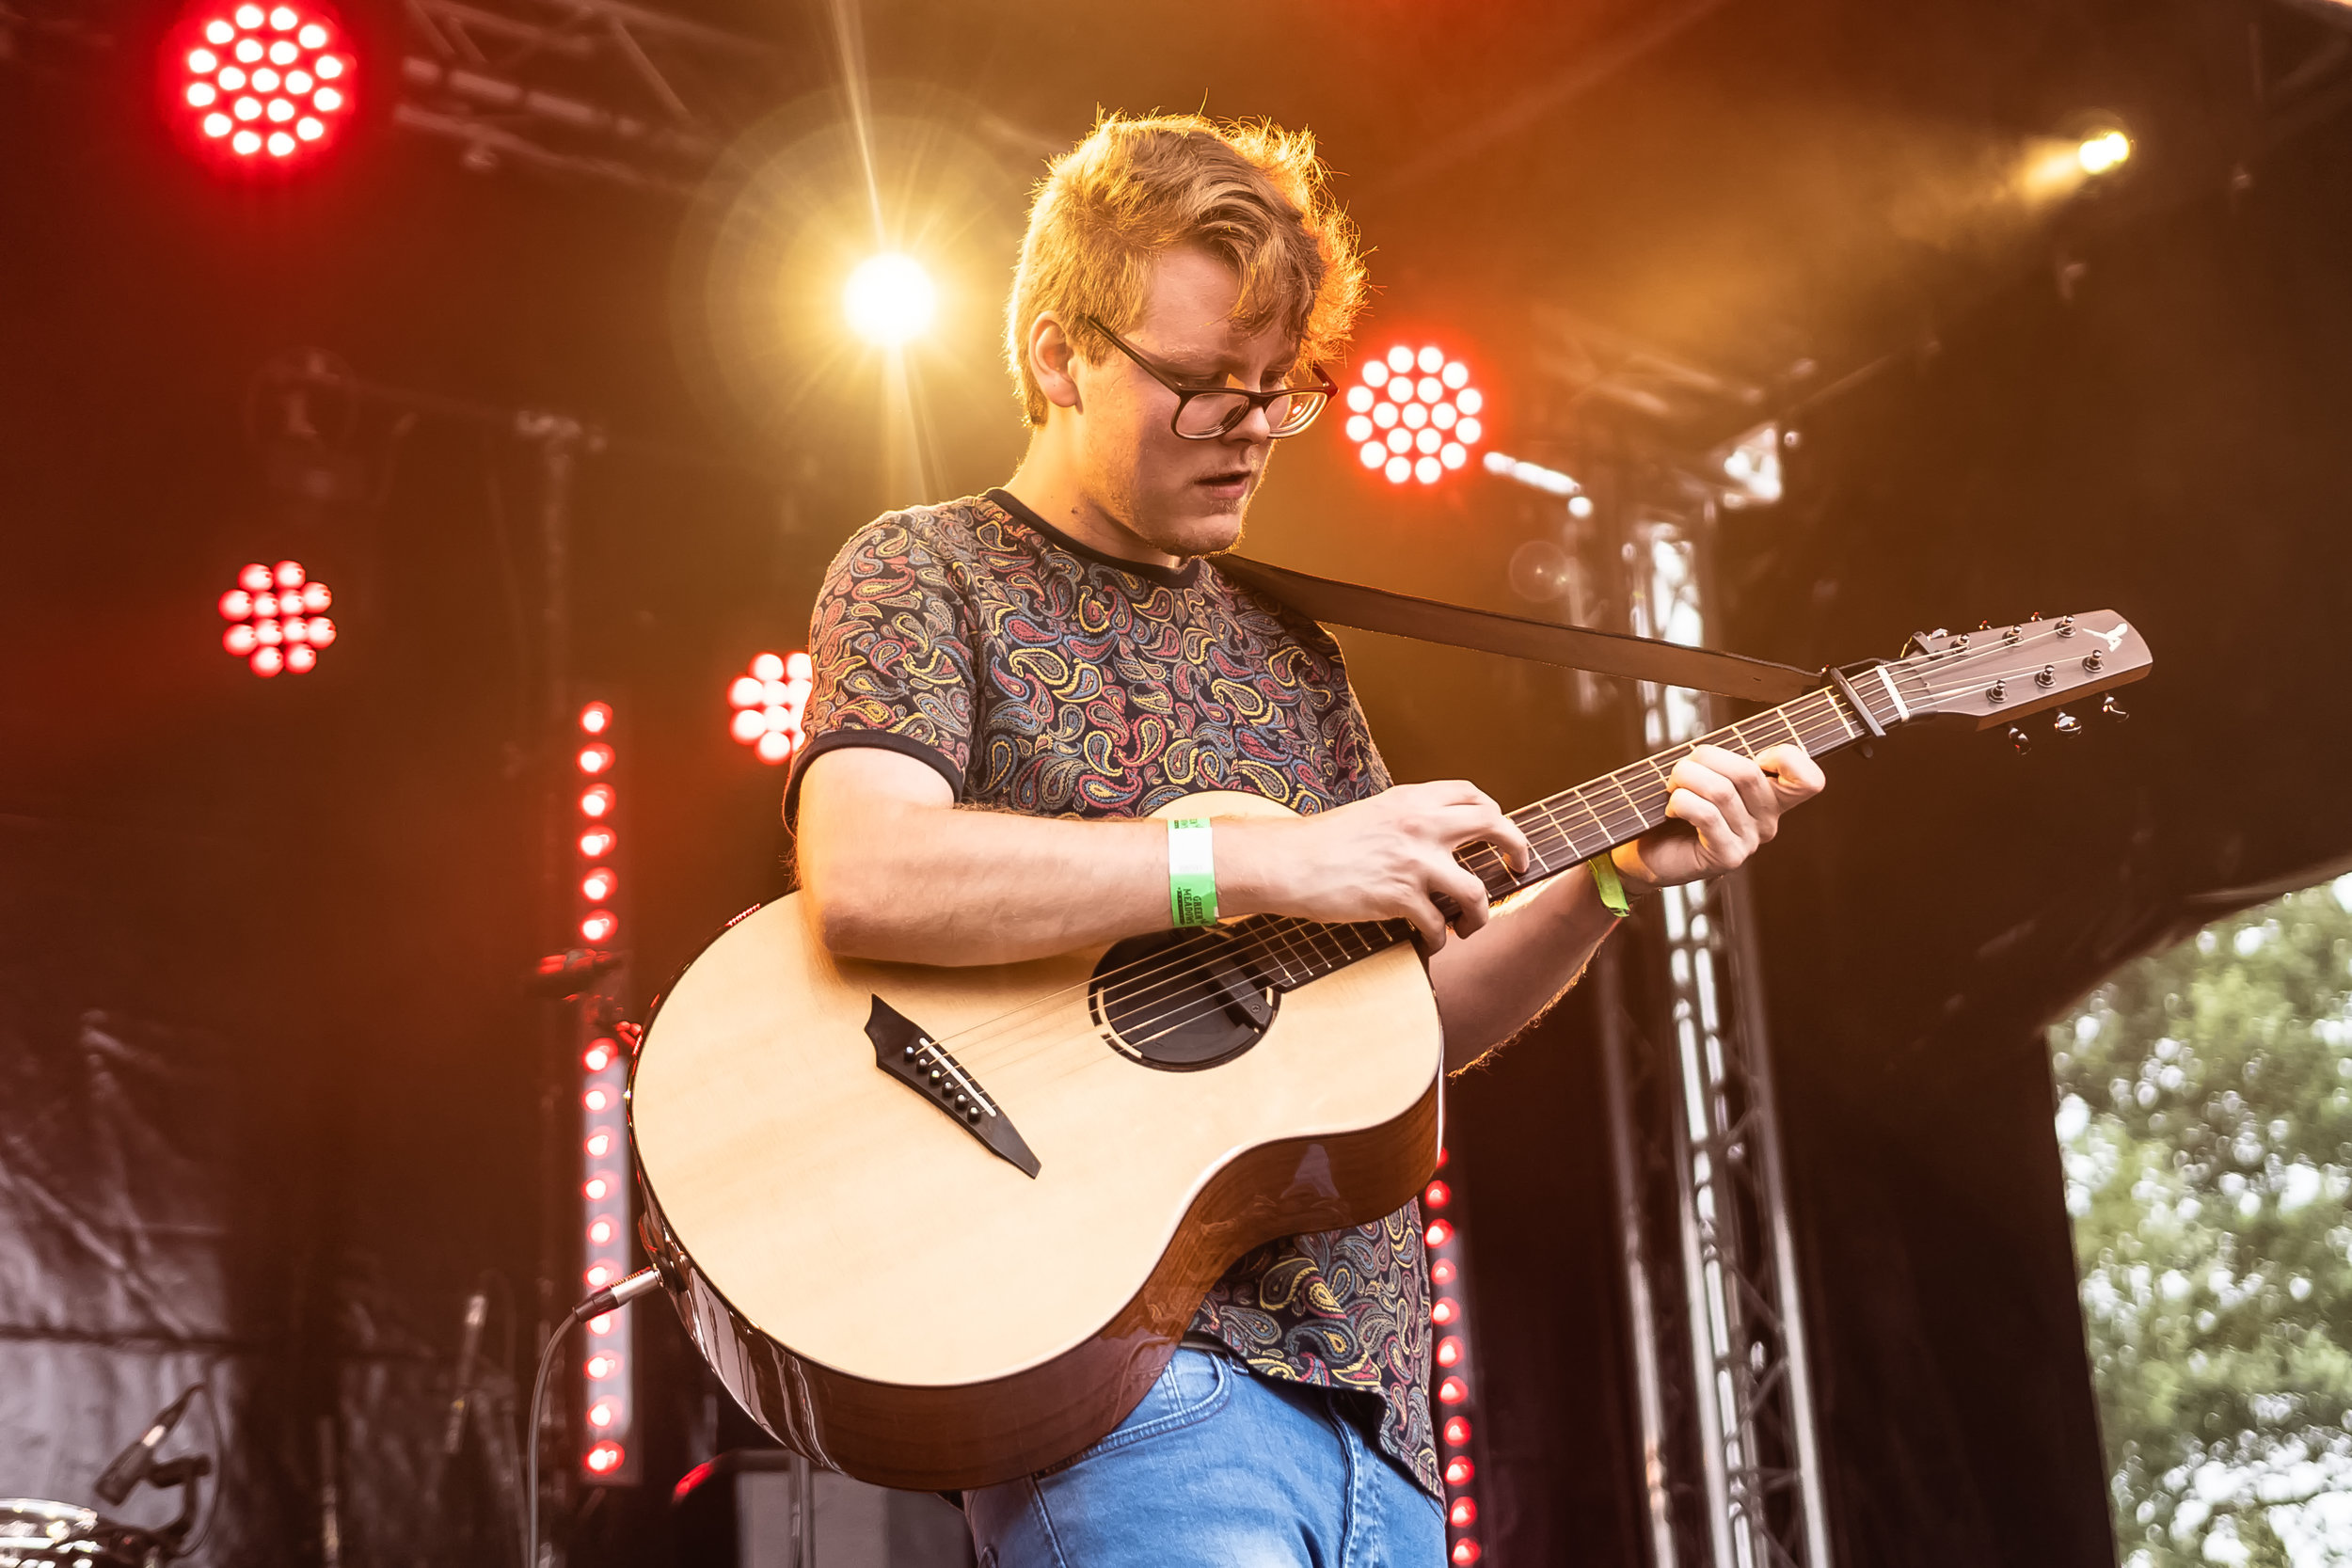 Matthew Hammond